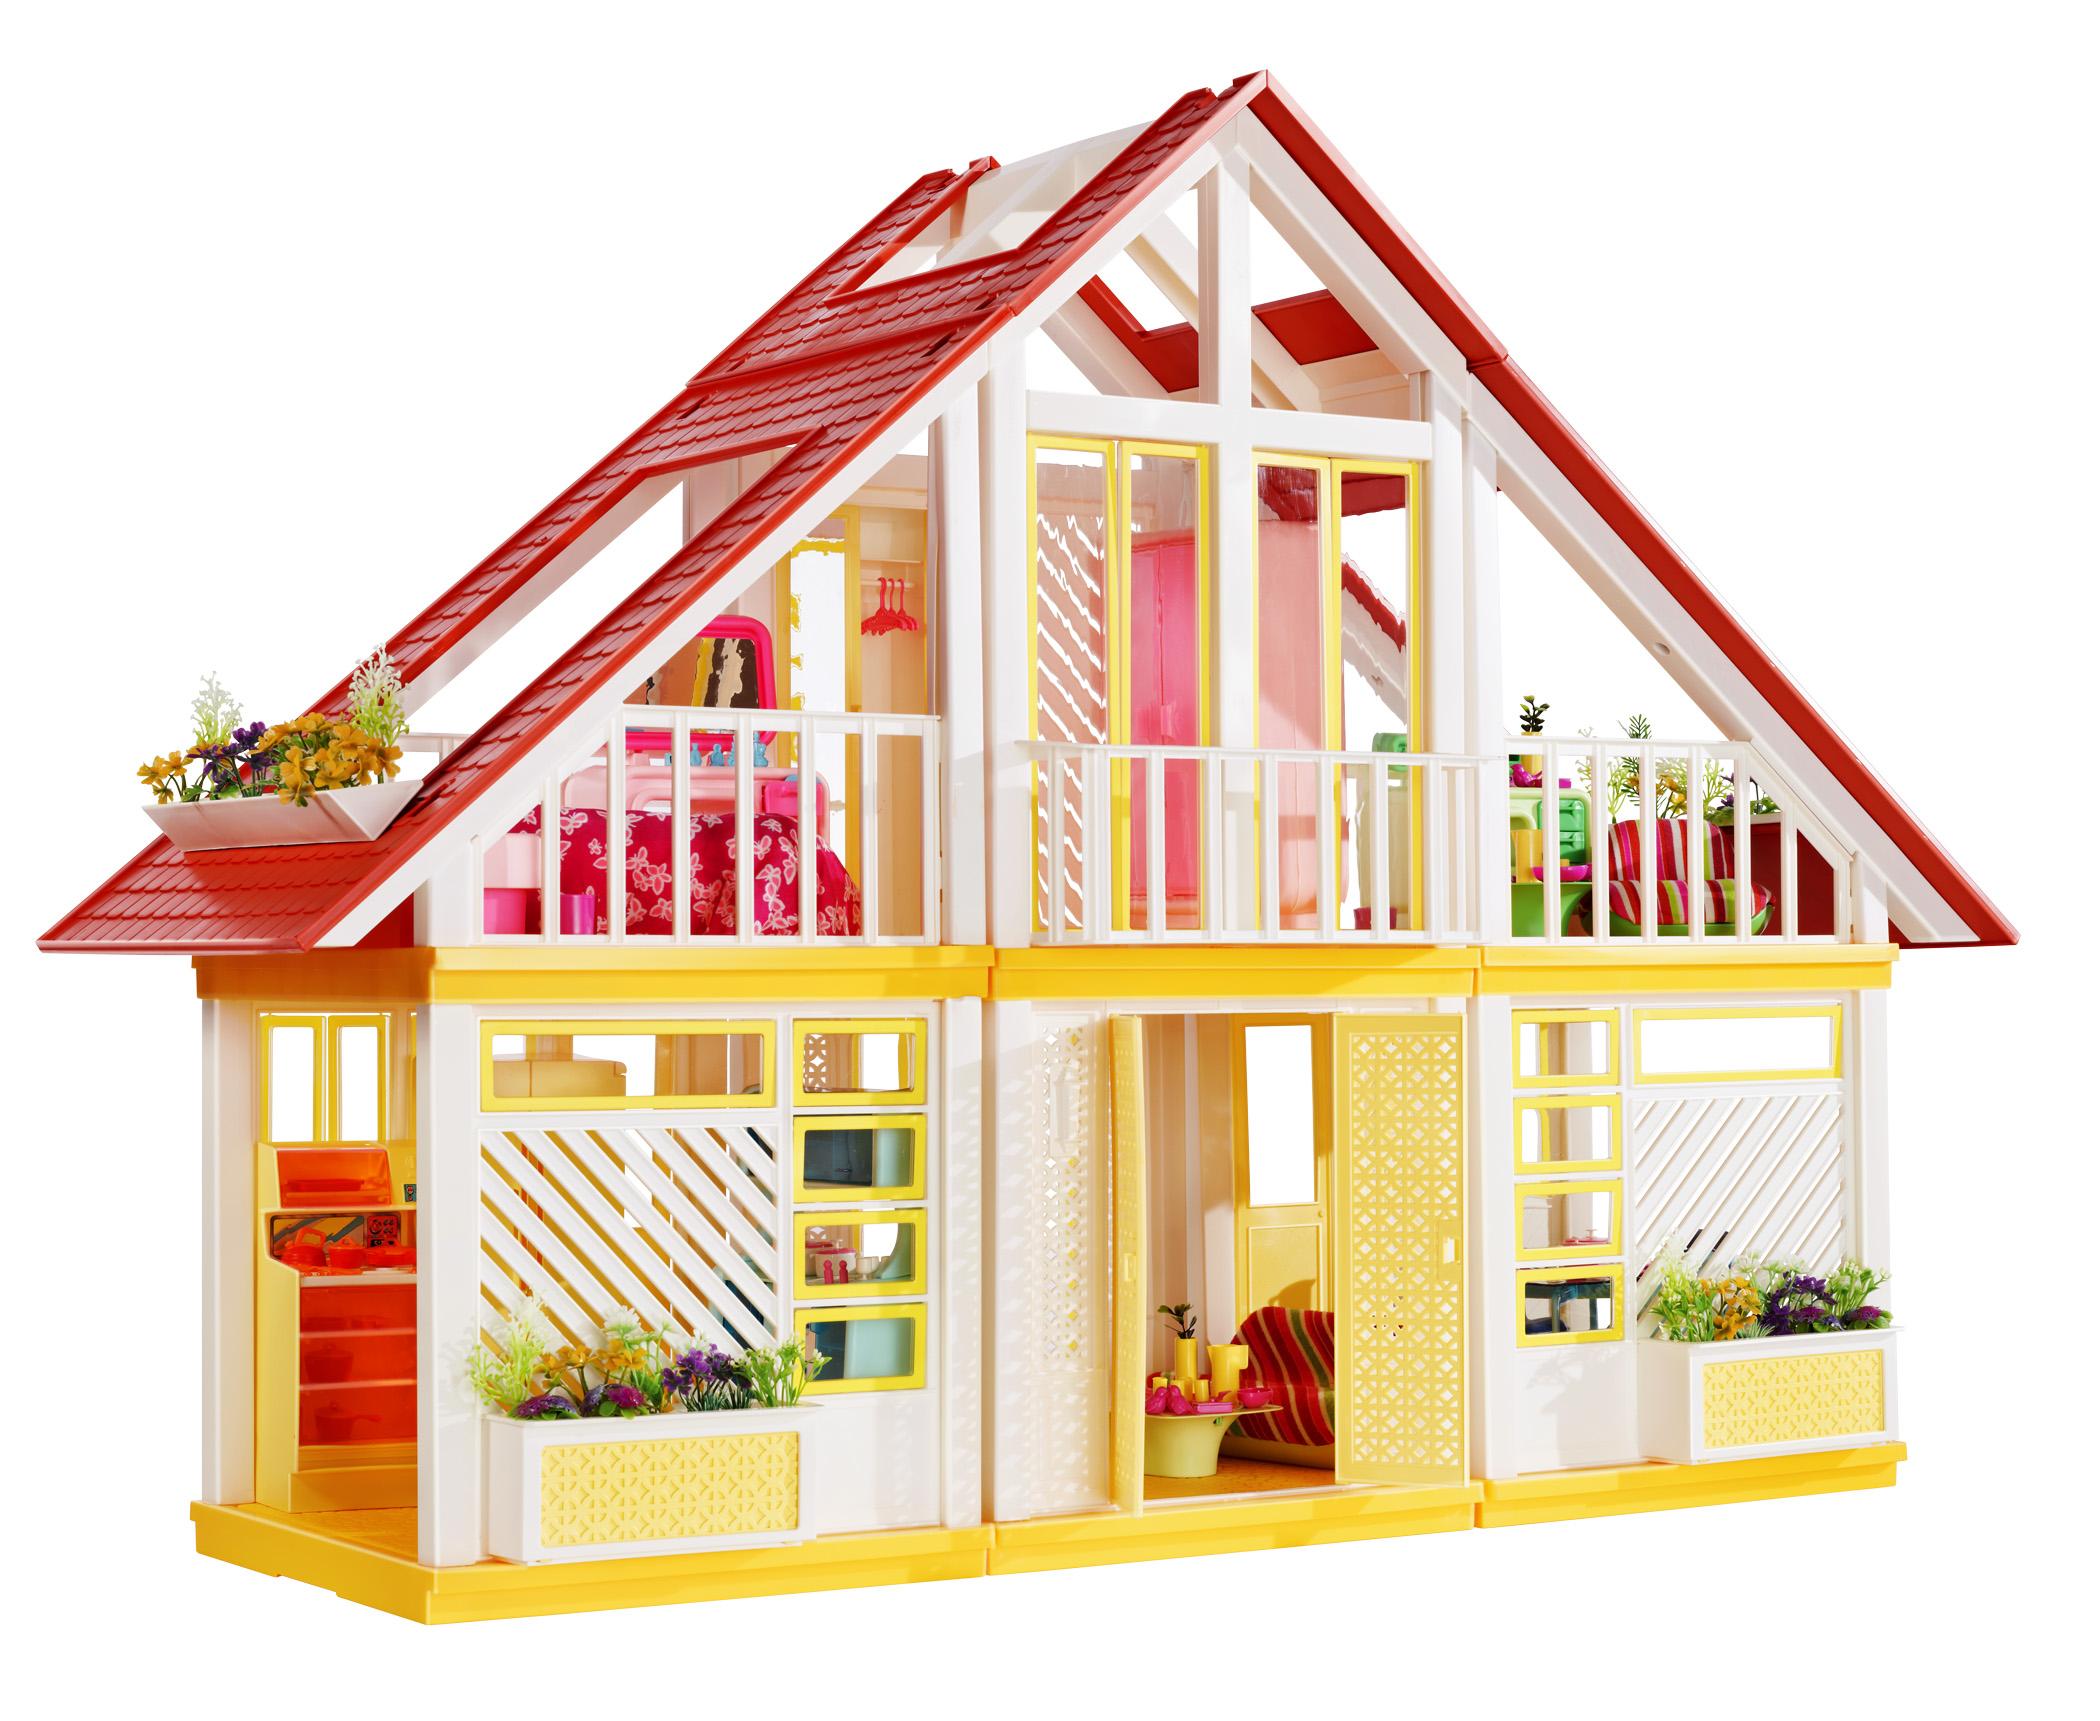 Barbie se muda de casa una vitrina llena de tesoros for Classic house 80s